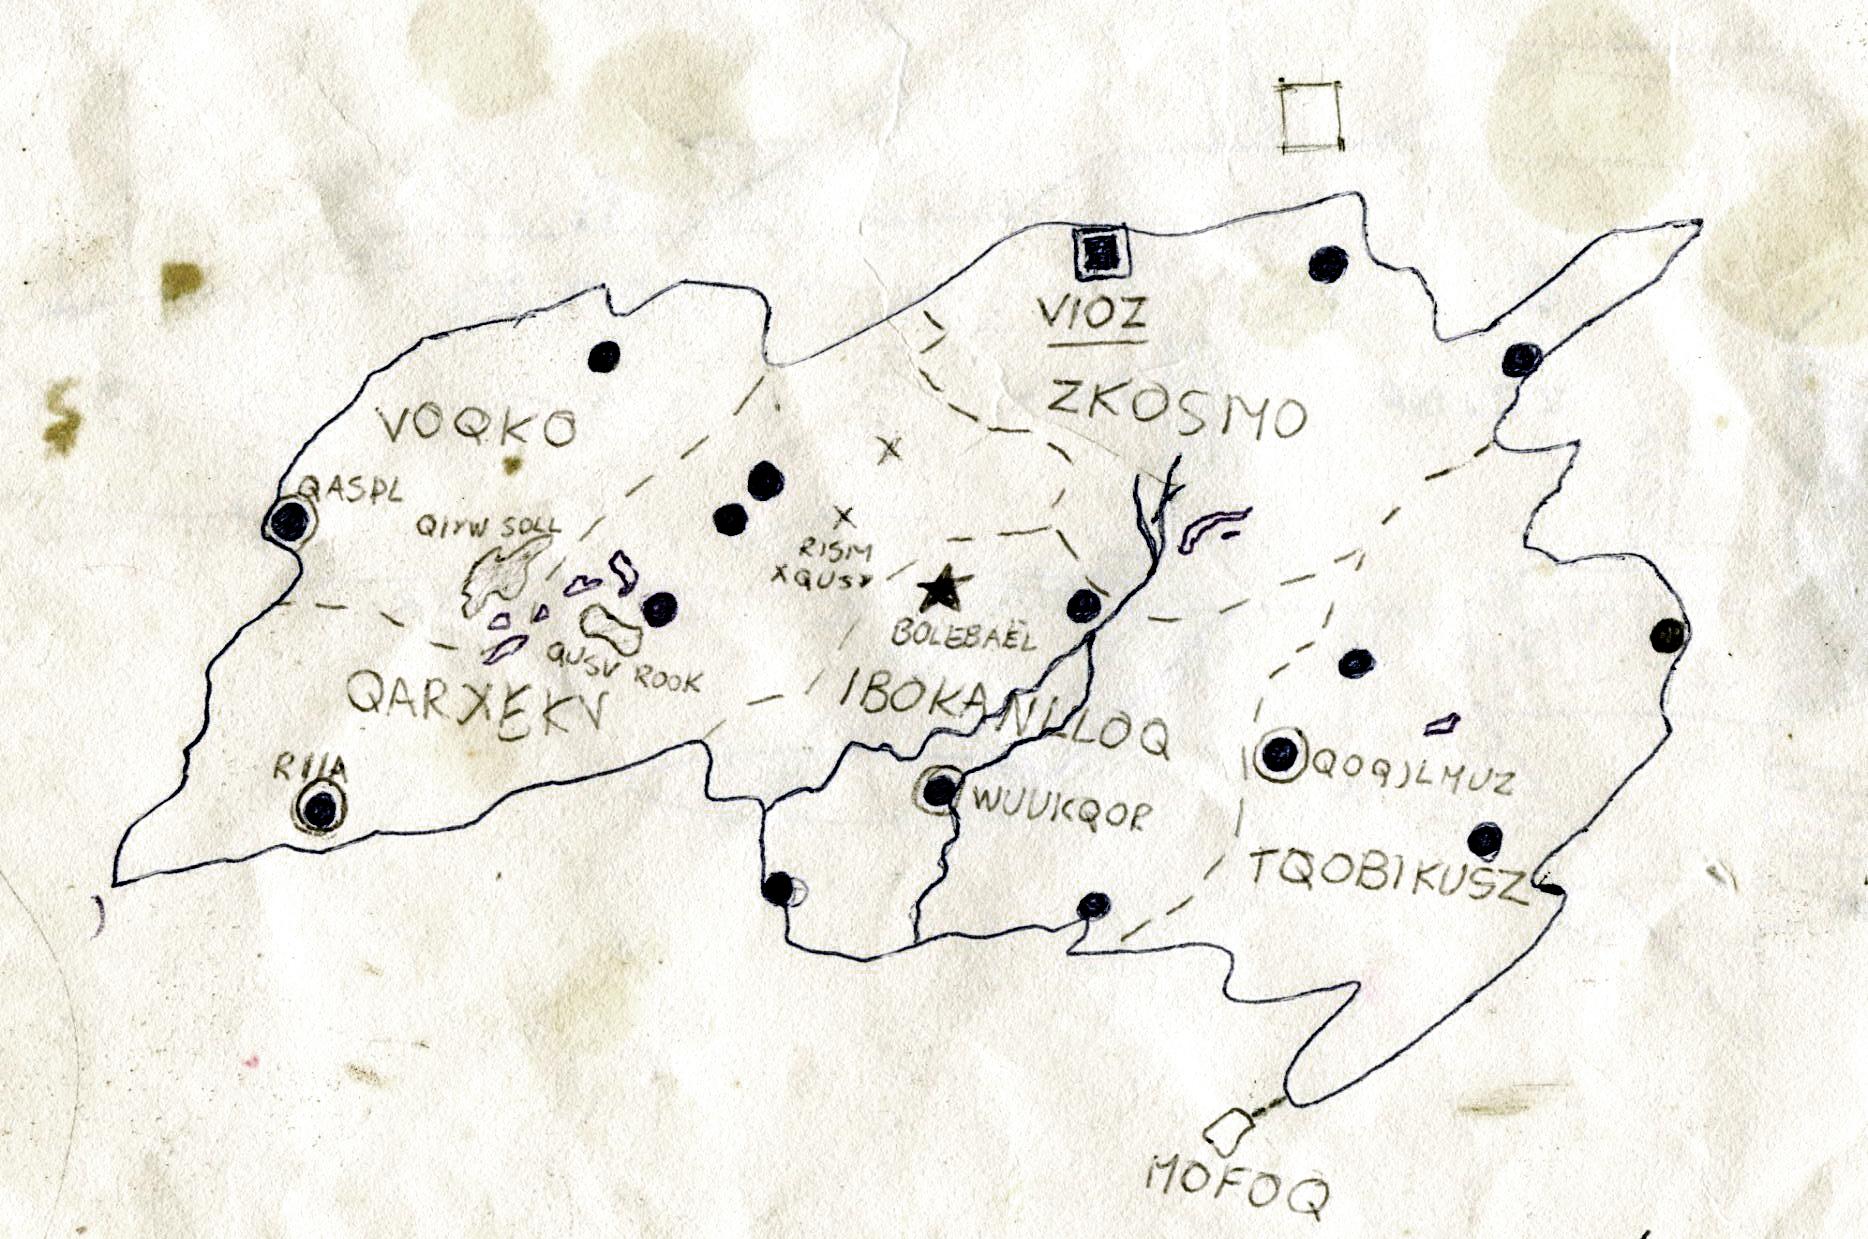 De allereerste kaart van Viozia